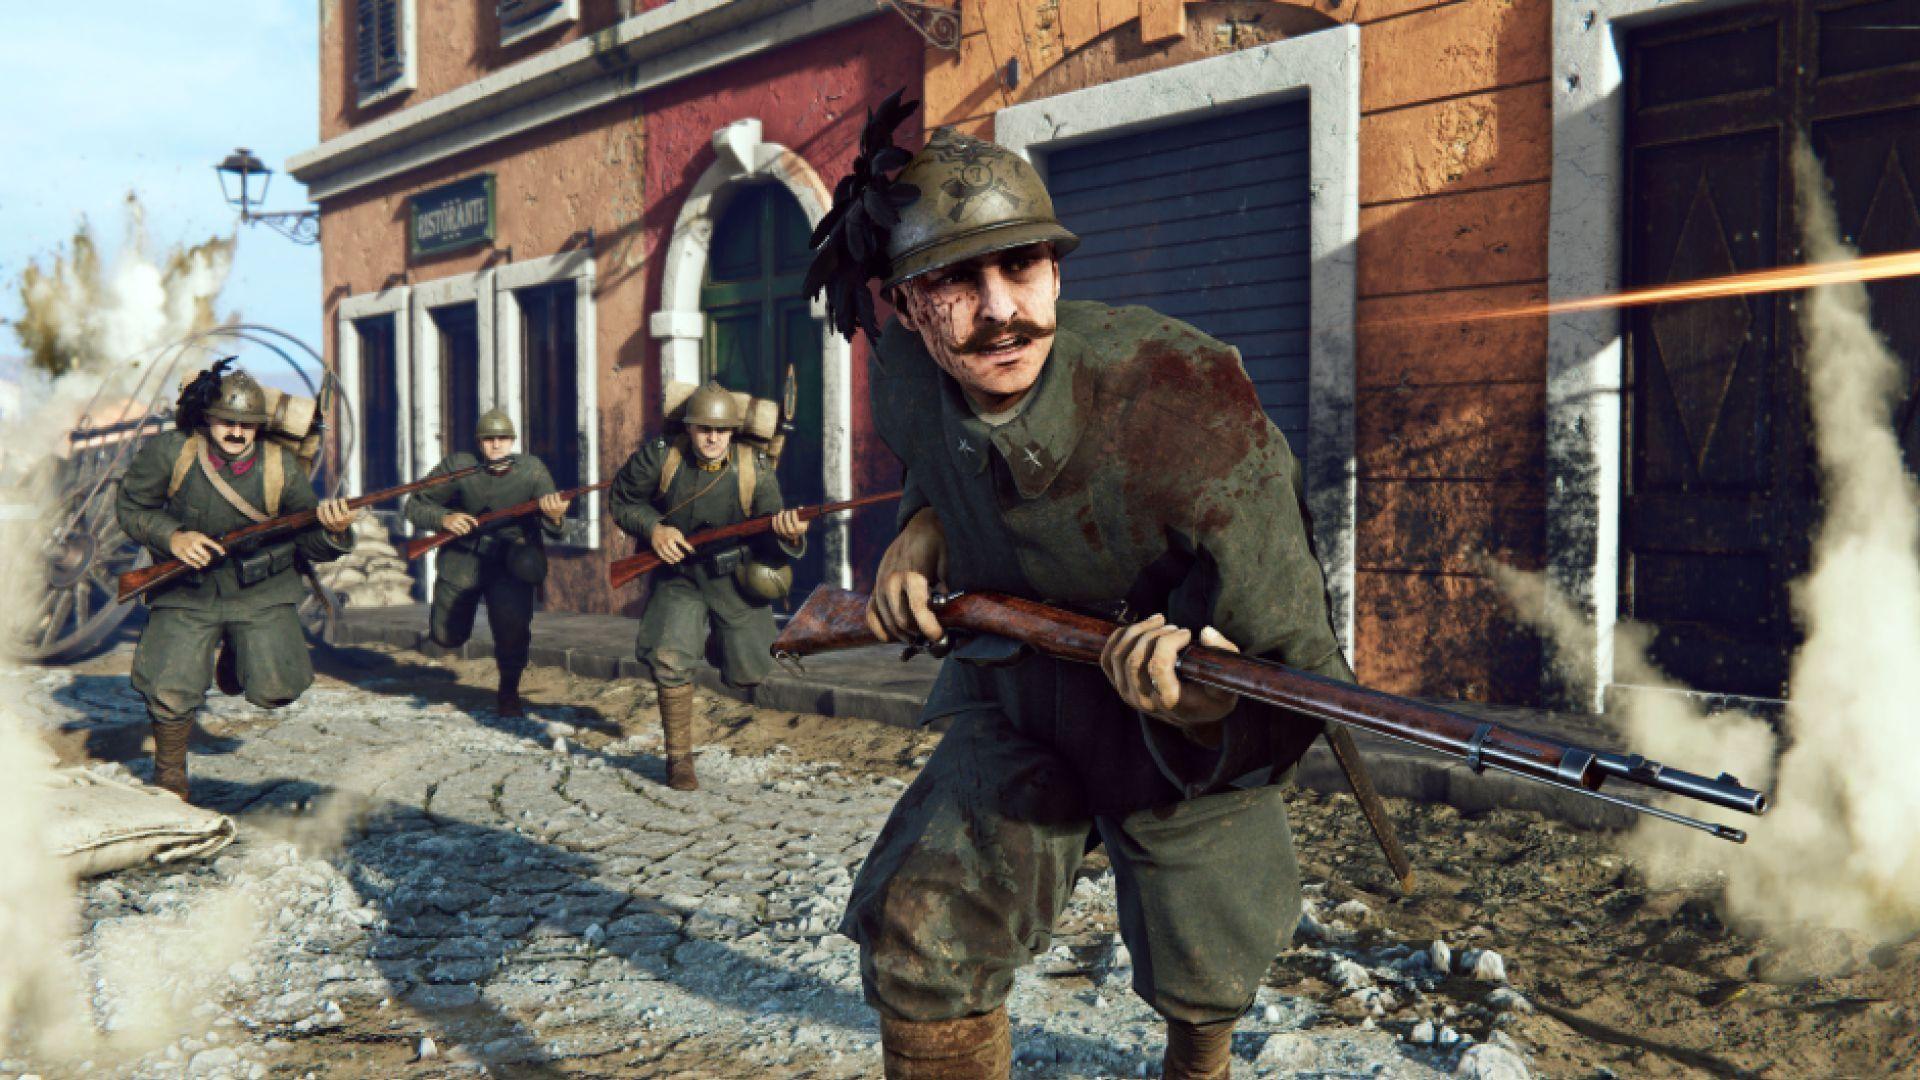 WW1 Games Series Reveals Next Installment: Isonzo